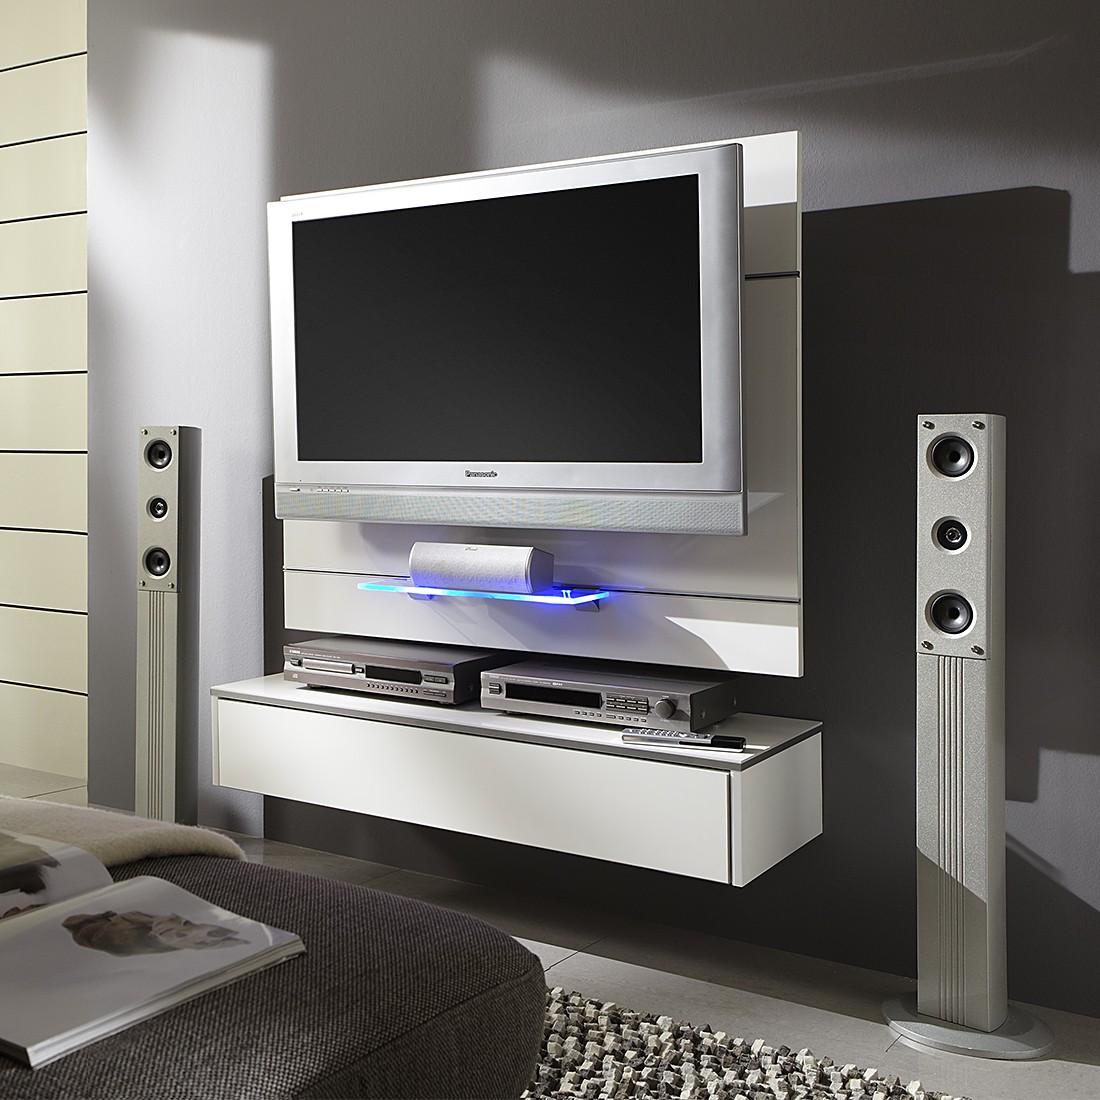 Tv wand weiß hochglanz  TV-Wand Hover 2 - Inkl. Hängemodul Weiß/Weiß - Schrank.info ...